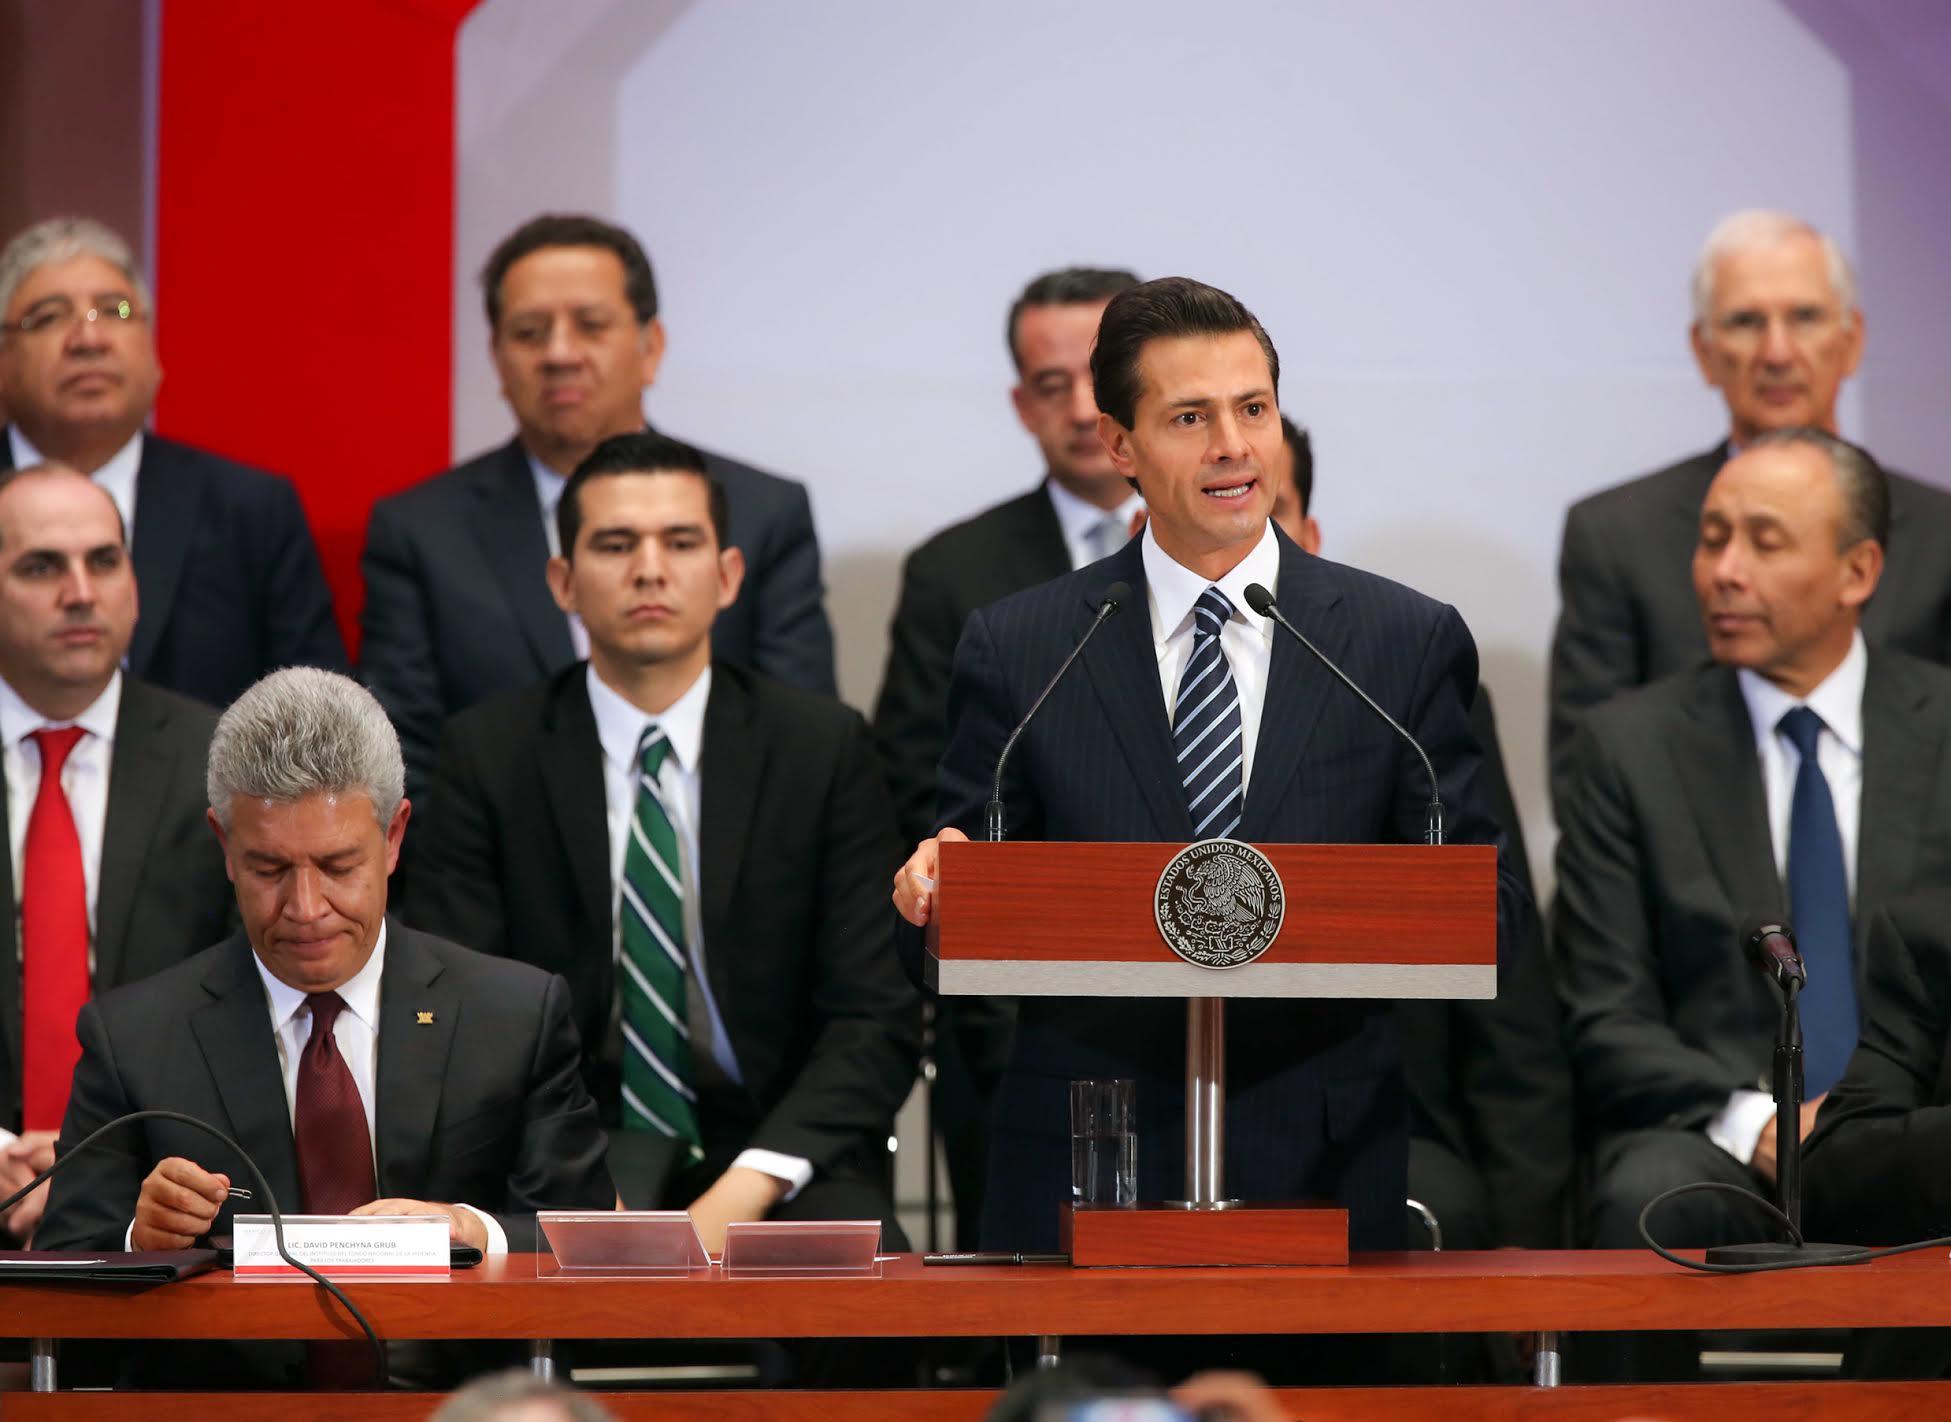 Con la promulgación de la Reforma a la Ley del INFONAVIT, se crea el marco legal para adecuar la operación financiera del Instituto a la Reforma Constitucional que permite la desindexación del salario mínimo.